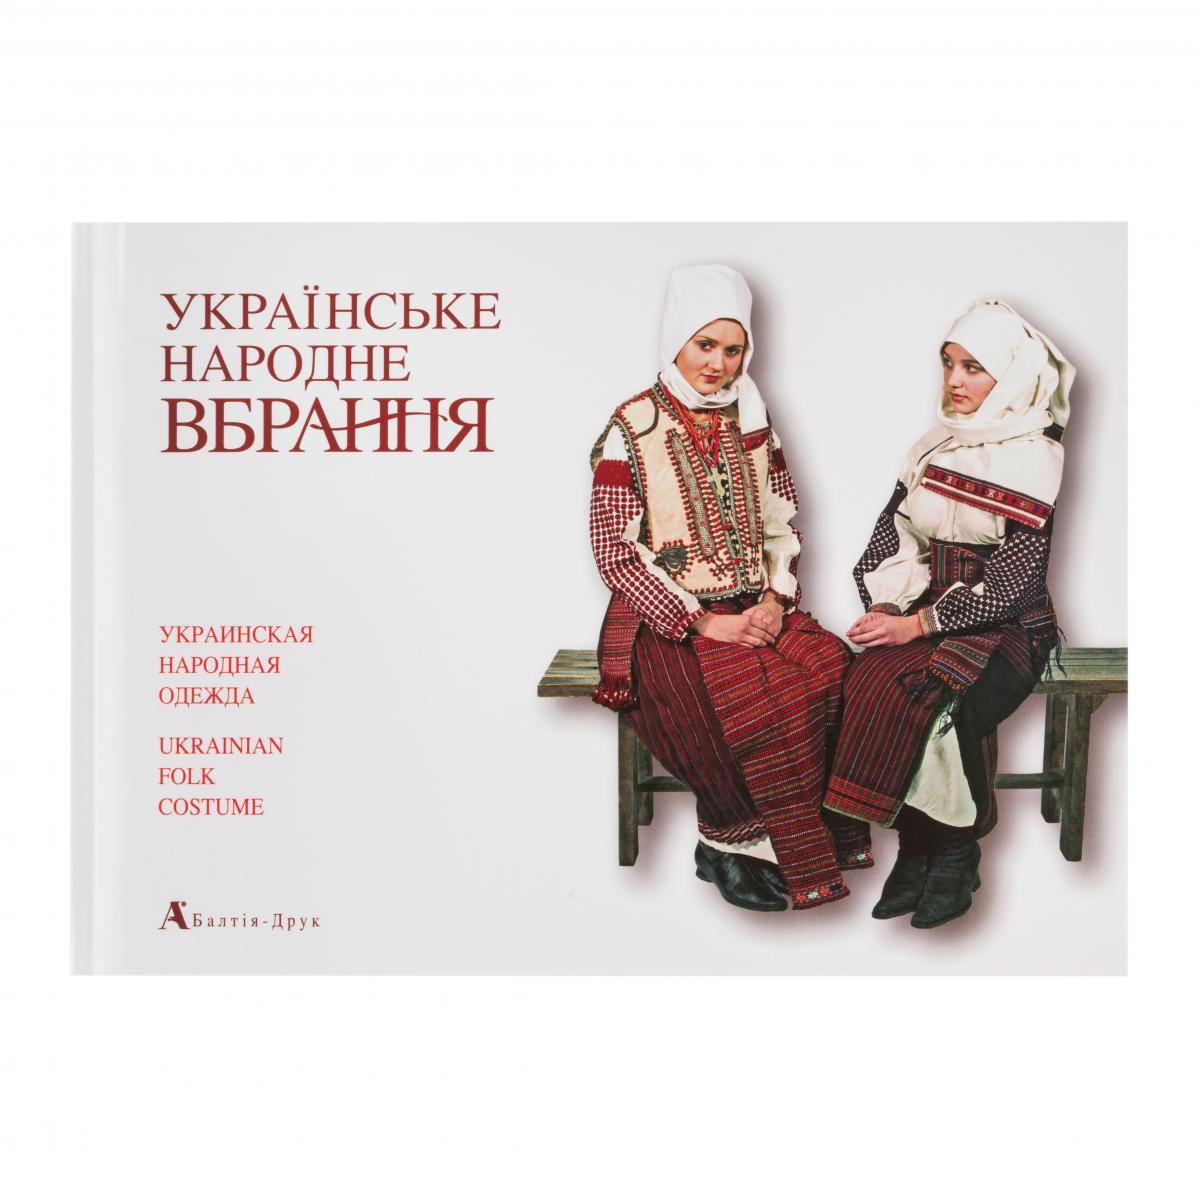 Книга Українське народне вбрання. Фото №1. | Народний дім Україна